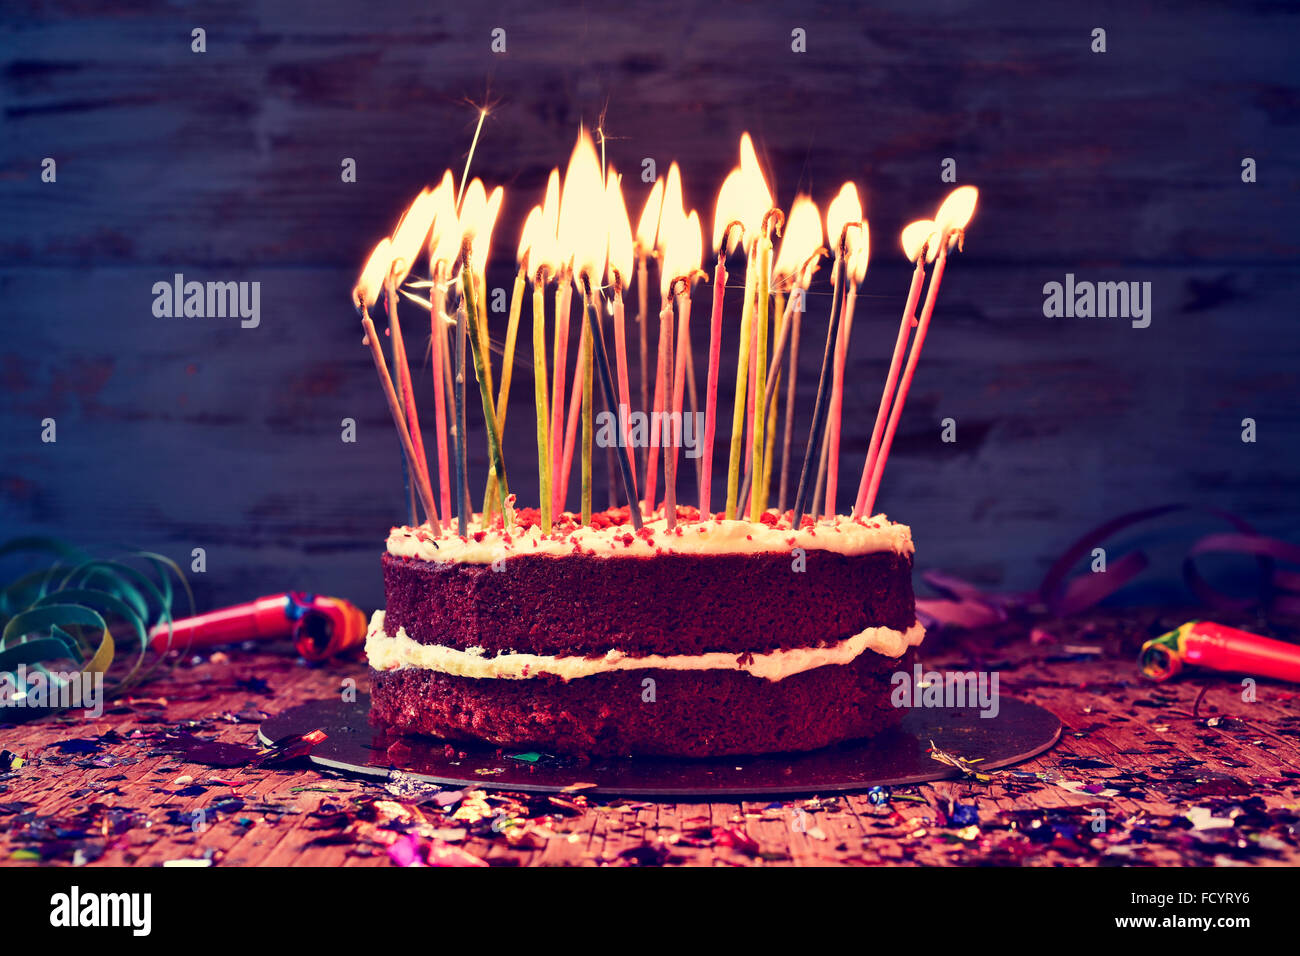 Una torta guarnita con alcune candele accese prima di soffiare fuori la torta, su una tavola in legno rustico pieno Immagini Stock